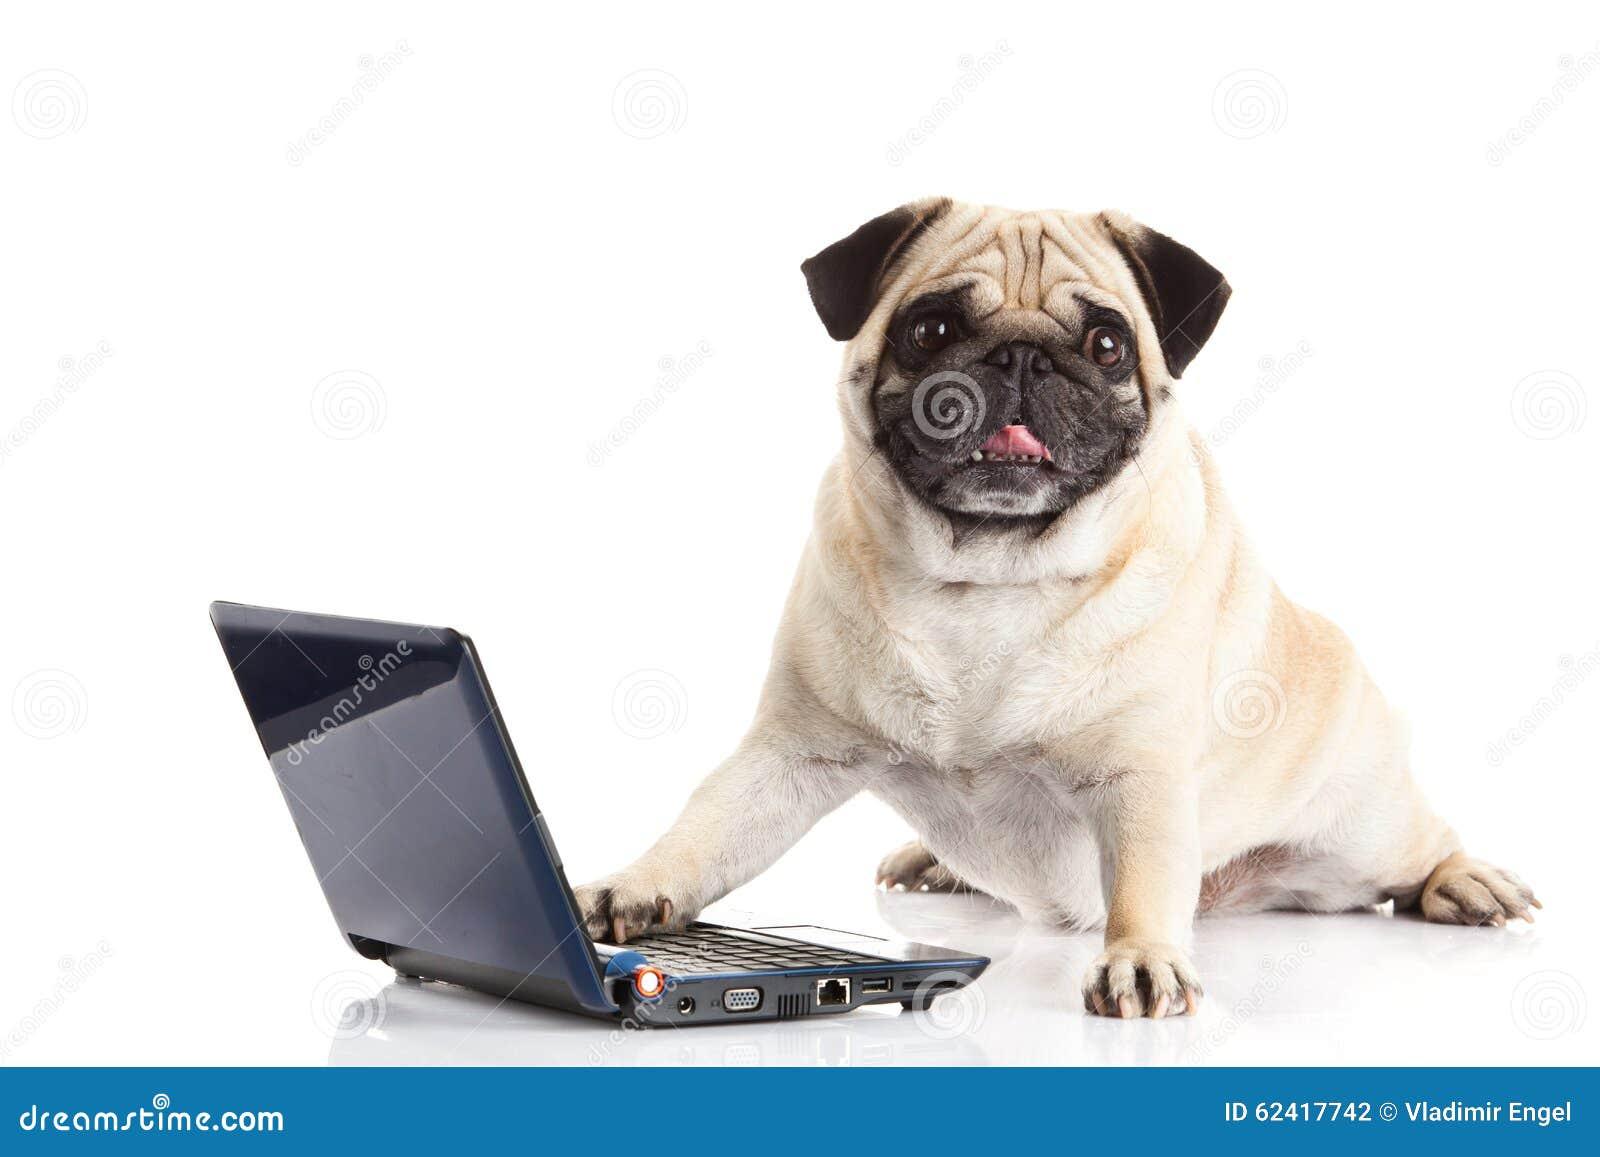 Dog Computer Isolated On White Background Stock Photo